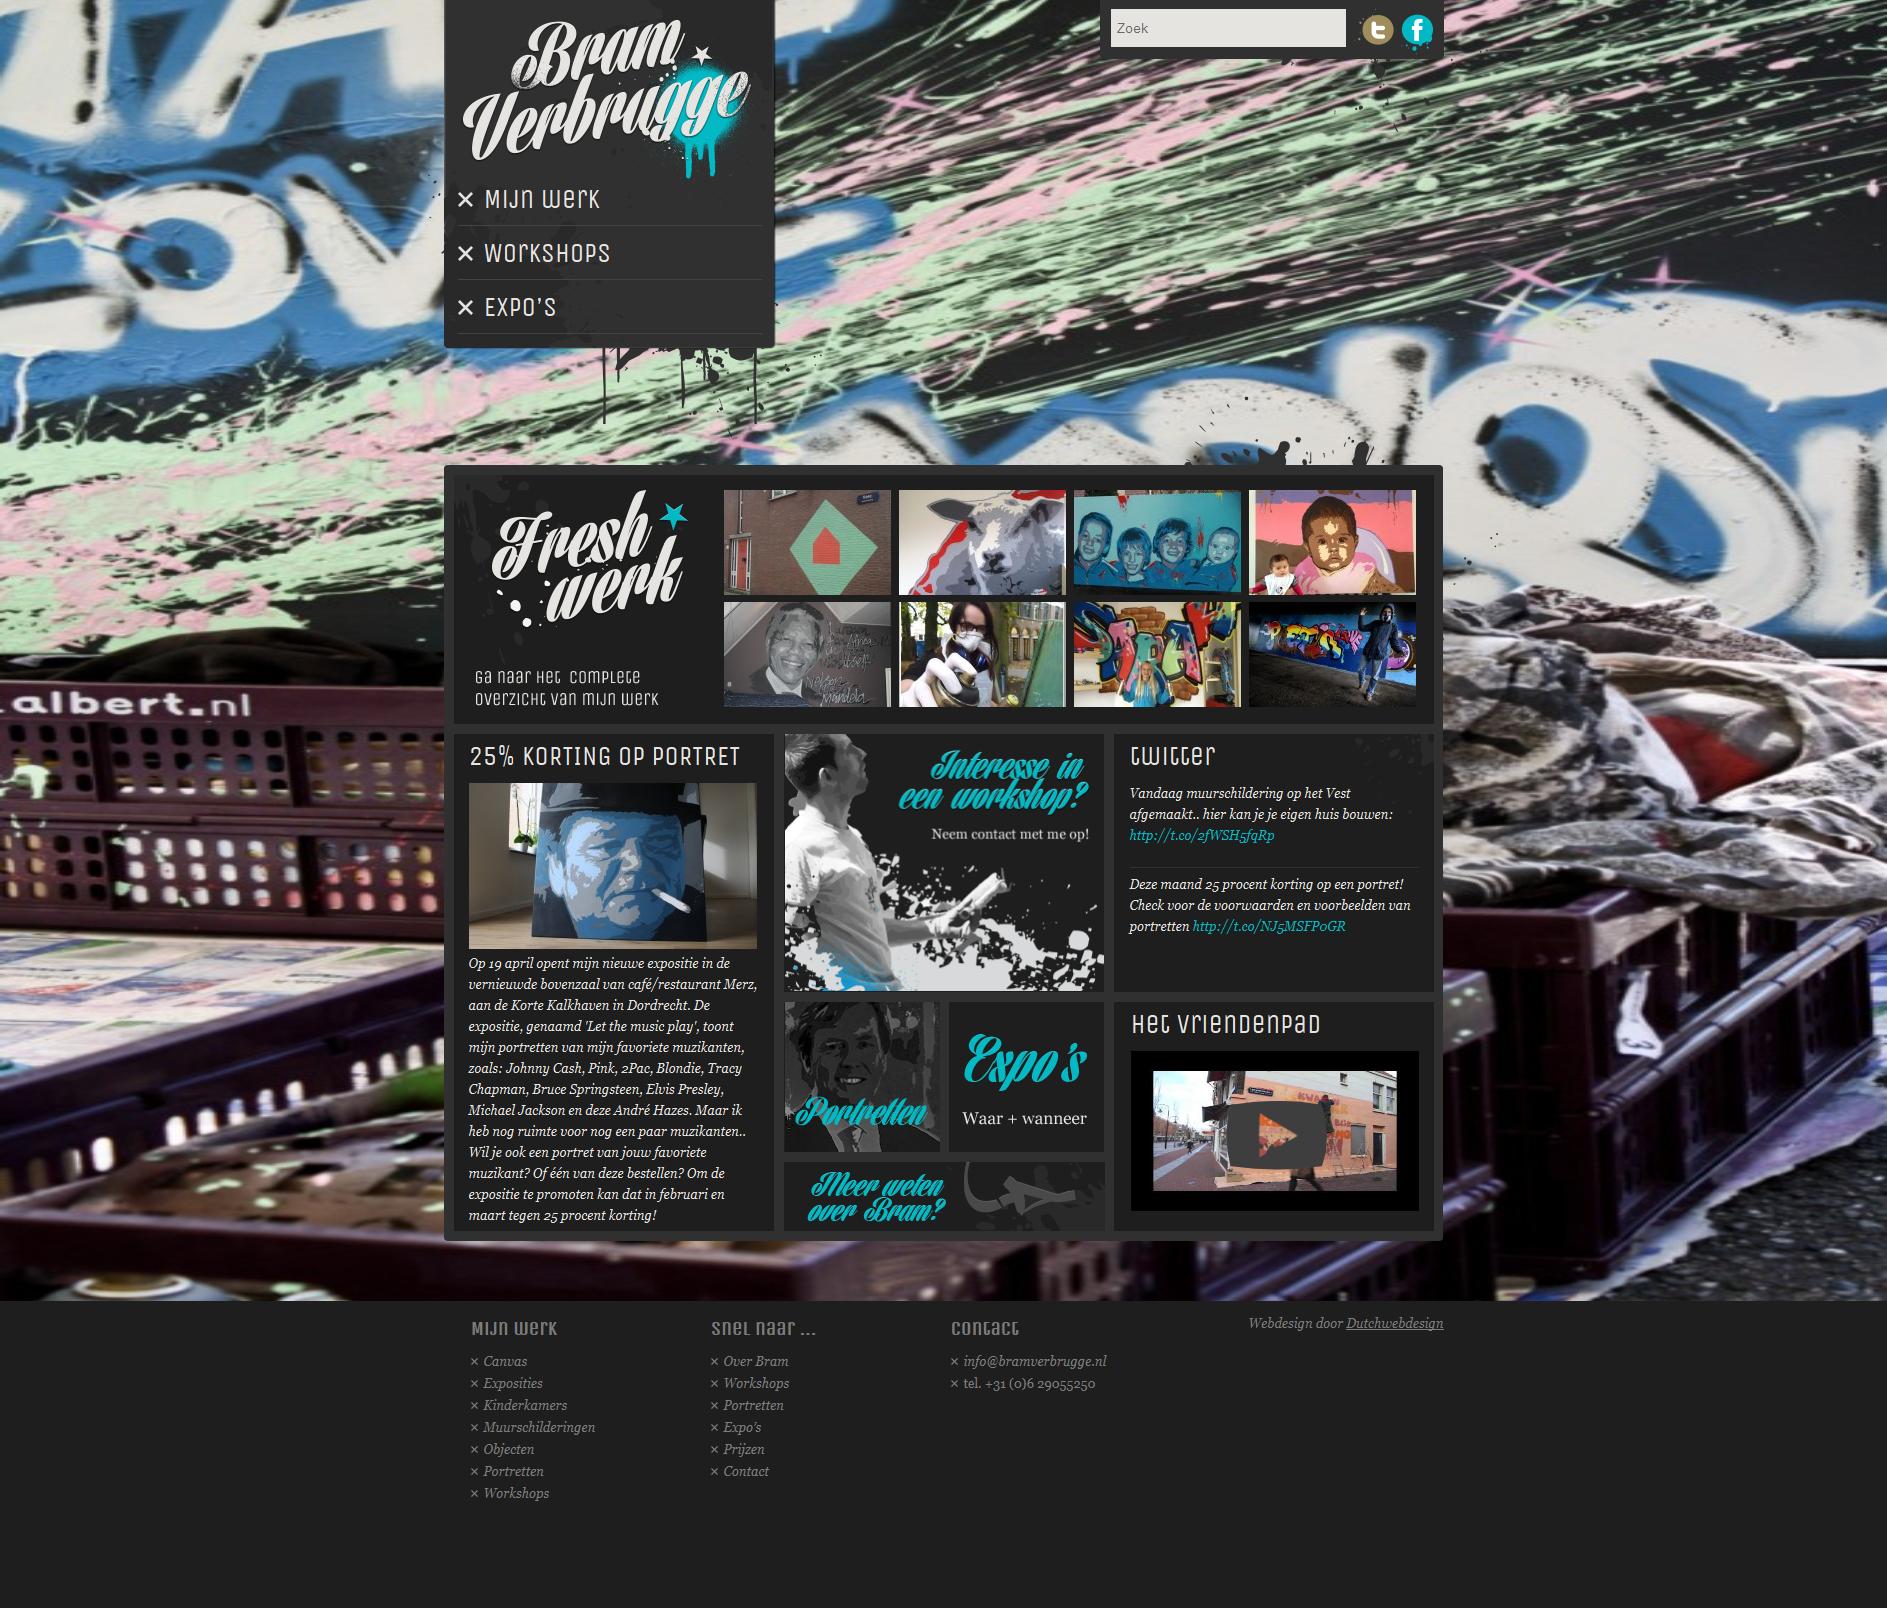 Dutchwebdesign heeft enkele jaren terug de eerste website van Bramverbrugge ontwikkeld en dit keer de nieuwe website, volledig maatwerk, alle informatie die Bram wilt tonen staat erop, zijn werk, exposities en andere actualiteiten. De portfolio pagina's hebben verschillende layouts zodat Bram zelf kan bepalen in welke stijl een werk getoond wordt, http://www.bramverbrugge.nl/